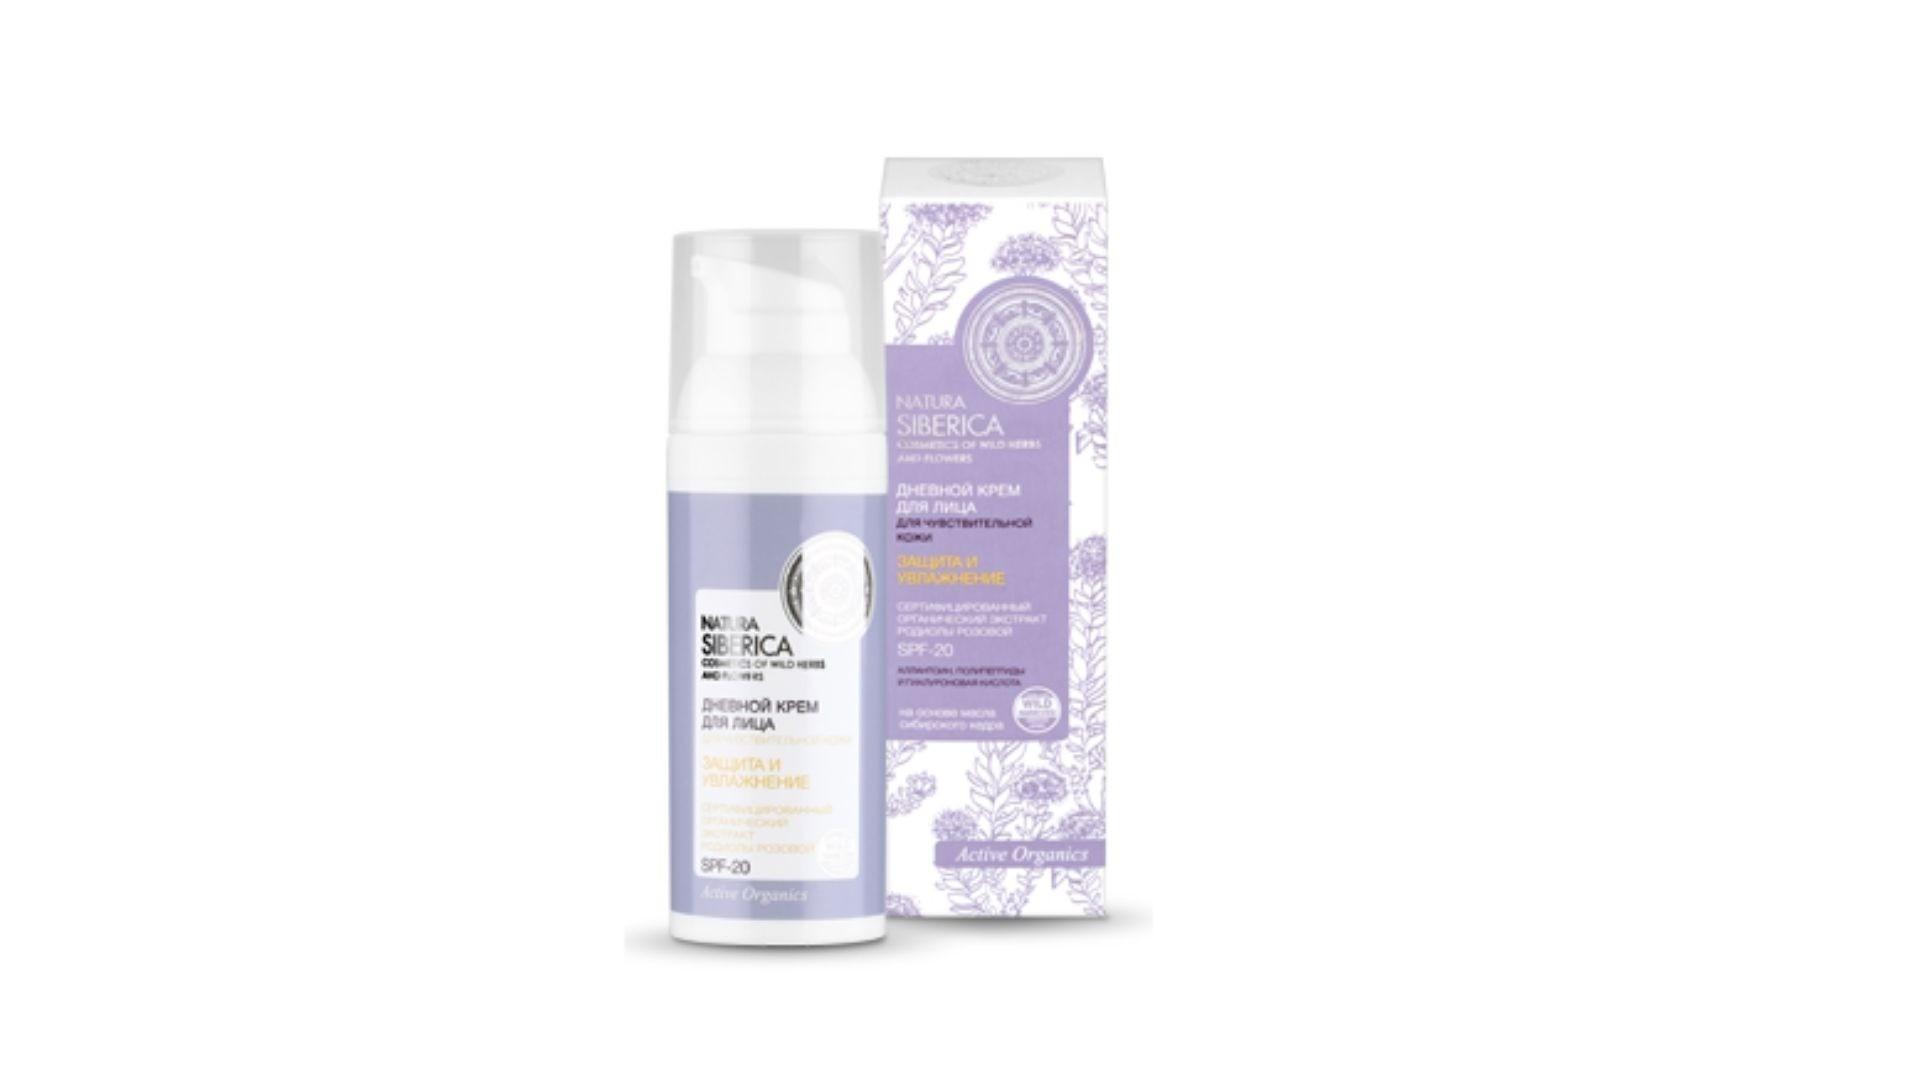 Дневной крем для лица для чувствительной кожи Защита и Увлажнение SPF 20, Natura Siberica